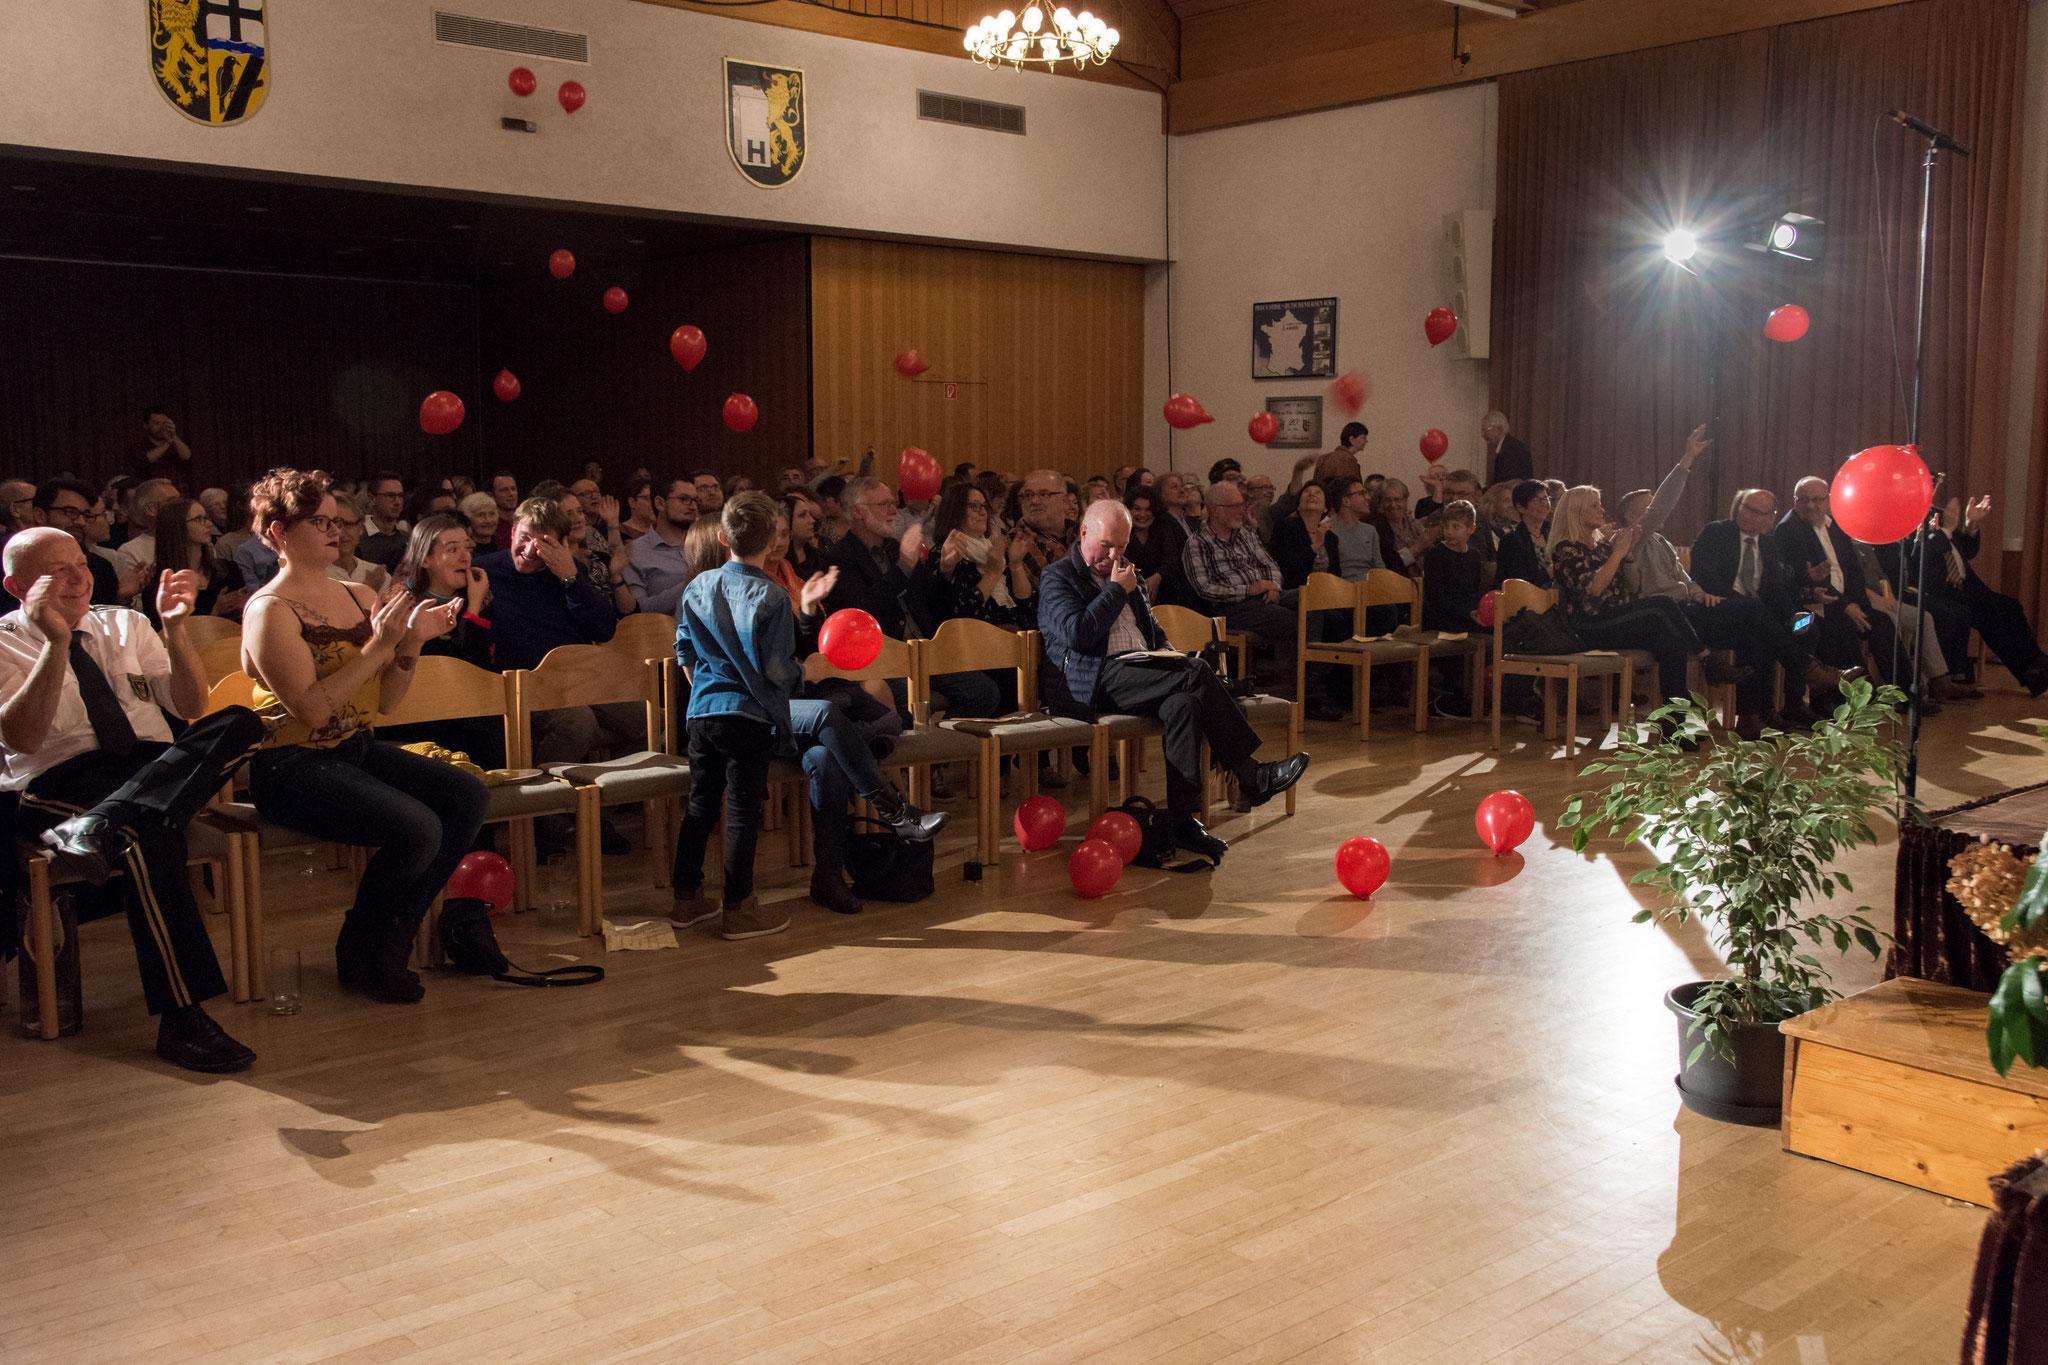 """Passend zum Stück """"99 Luftballons"""" von Nena wurden (etwas mehr als 99) Luftballons auf ihre Reise zum Publikum geschickt."""